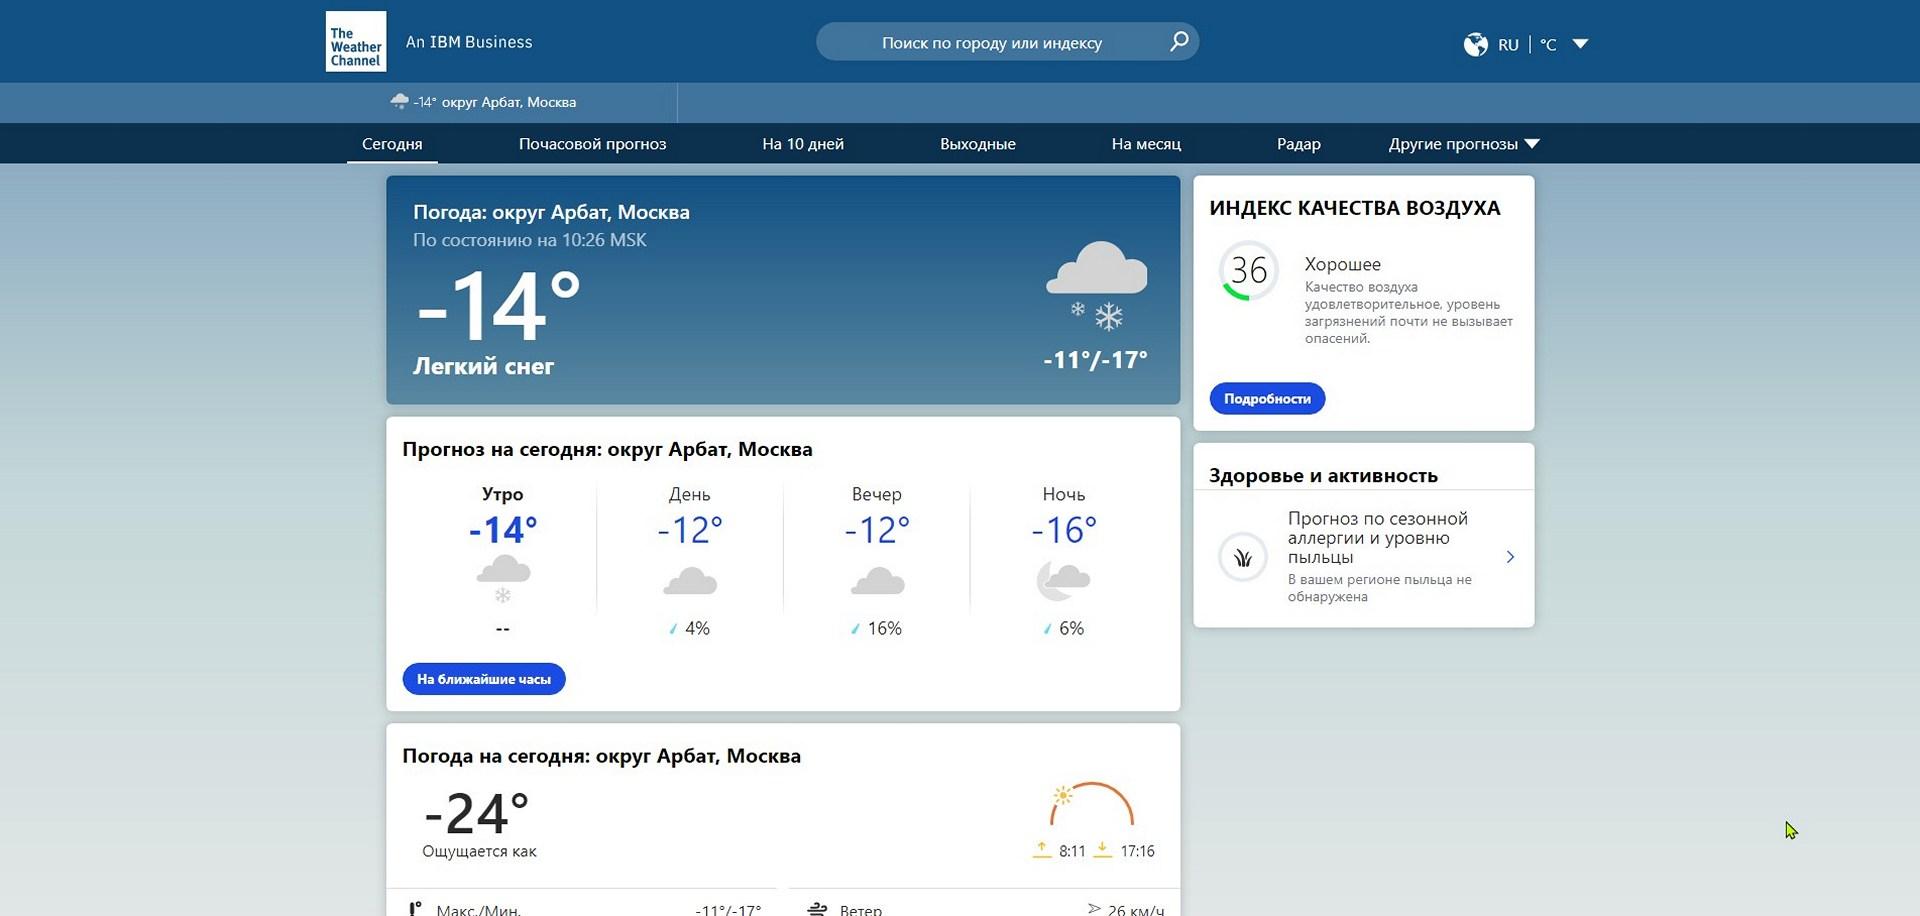 сайт прогноза погоды weather.com